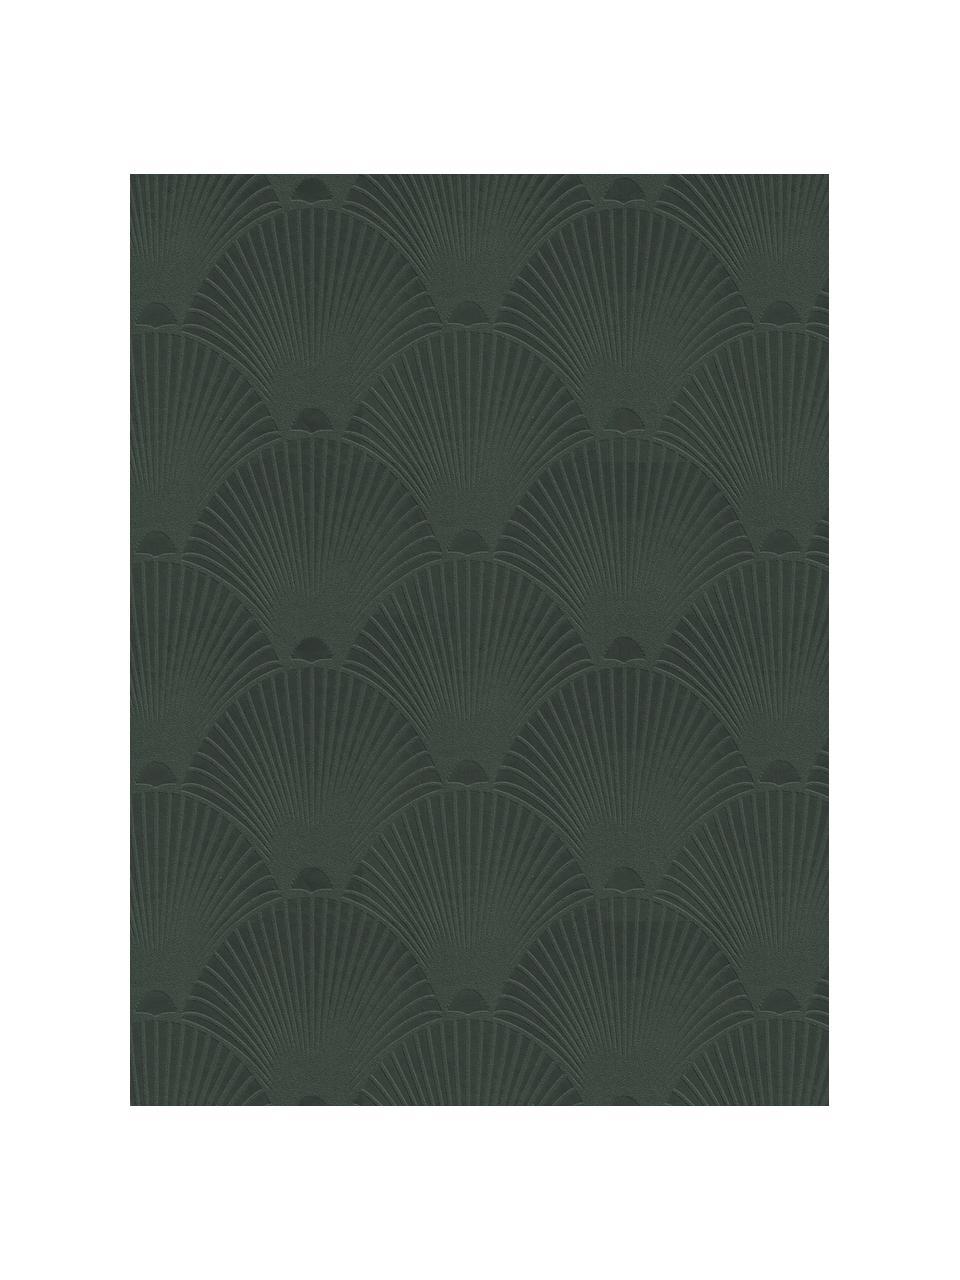 Tapete Art Deco Green, Vlies, Dunkelgrün, 52 x 1005 cm